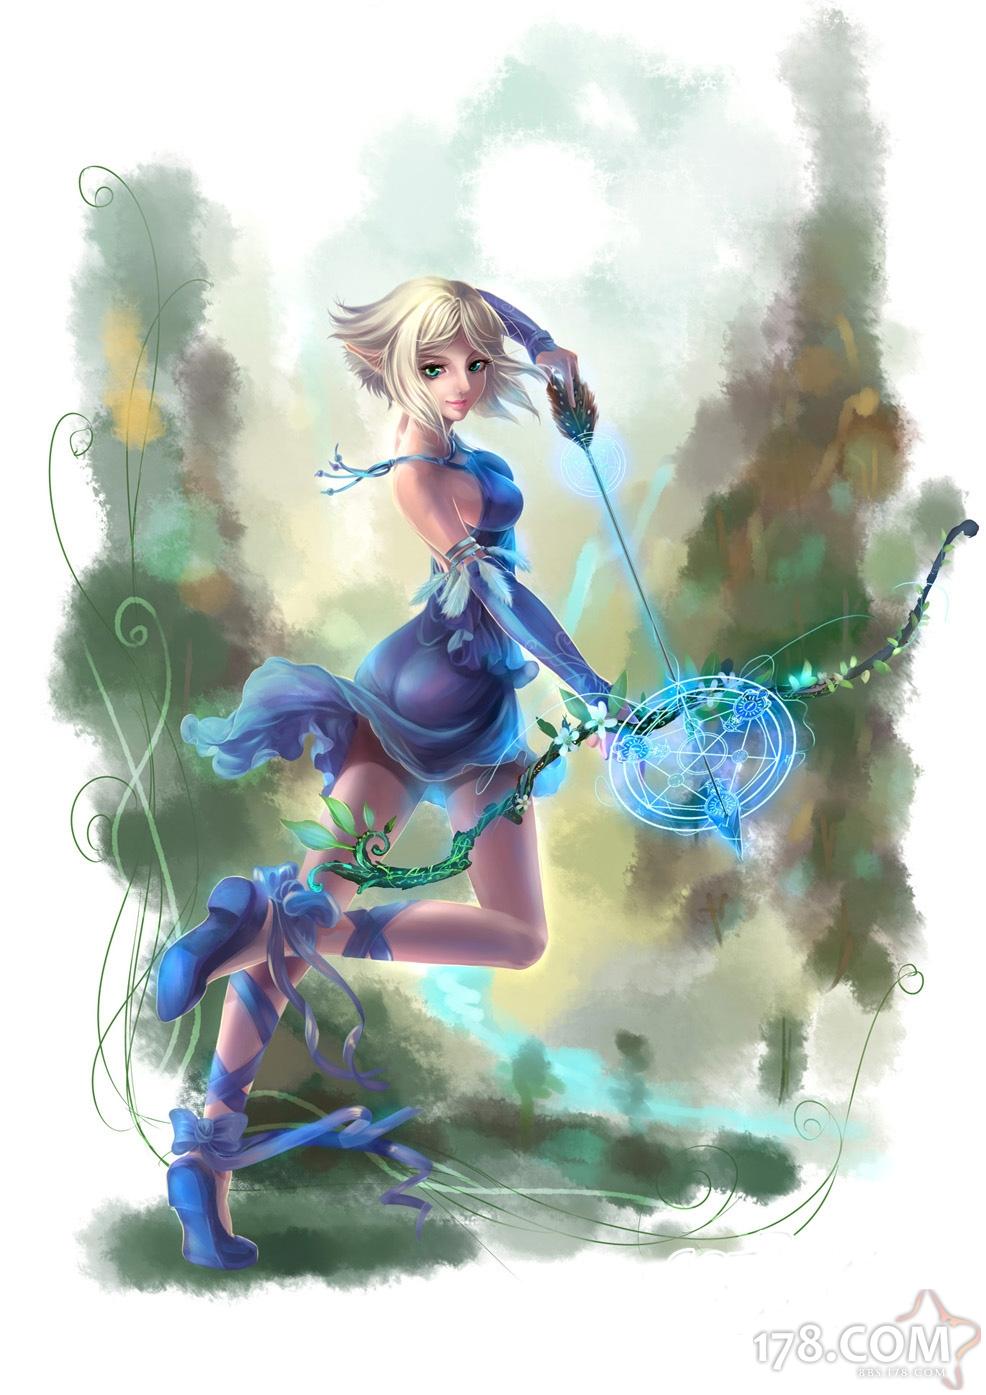 文 章 摘 要       上古世纪玩家原创手绘作品 女精灵弓箭手     手机